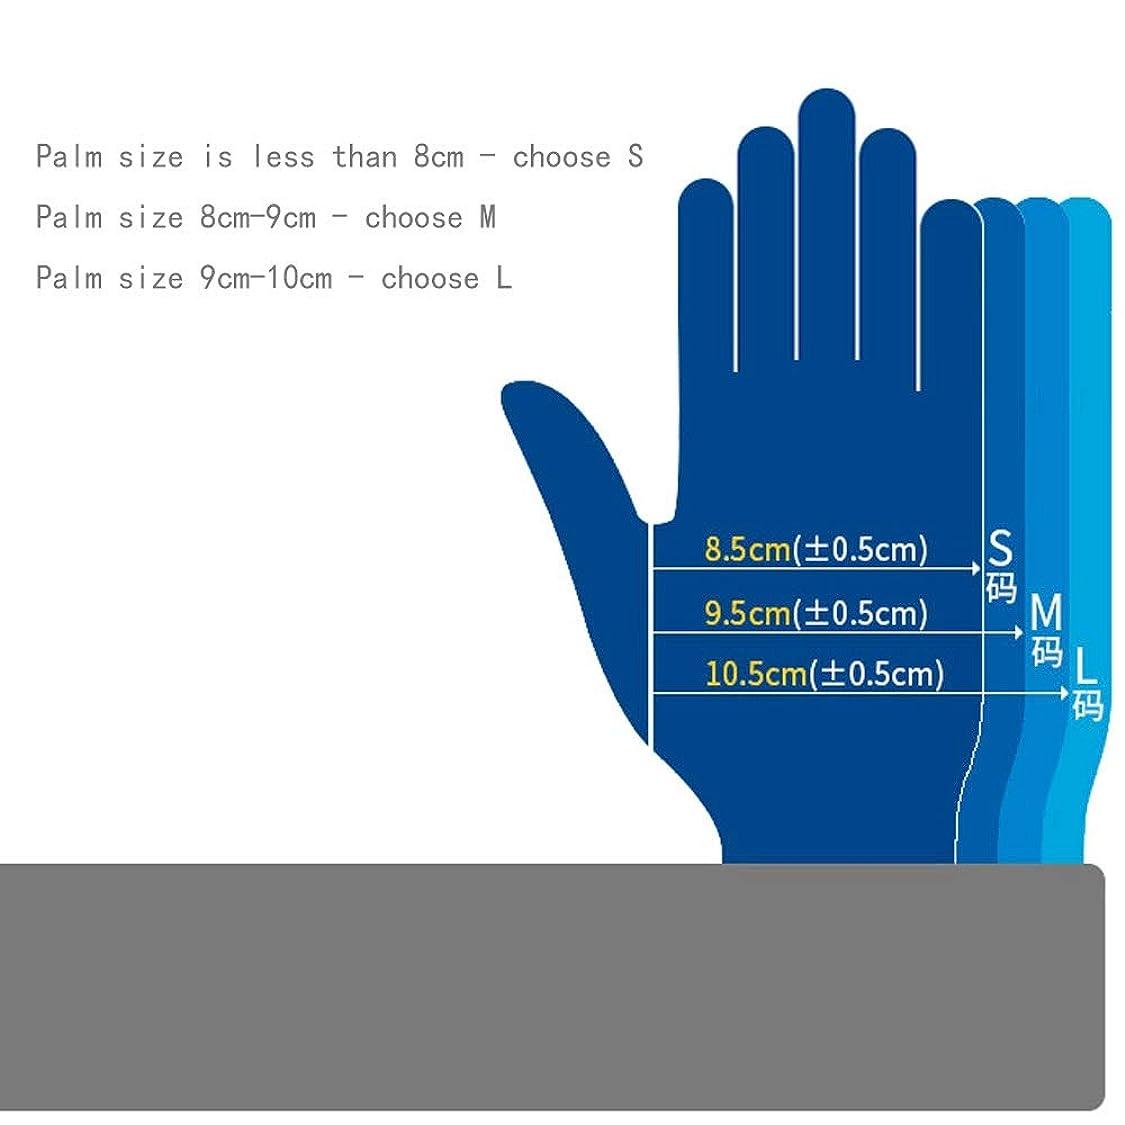 経度ペデスタル債務者応急処置用品クリーンルーム、クラスニトリル手袋、長さ12